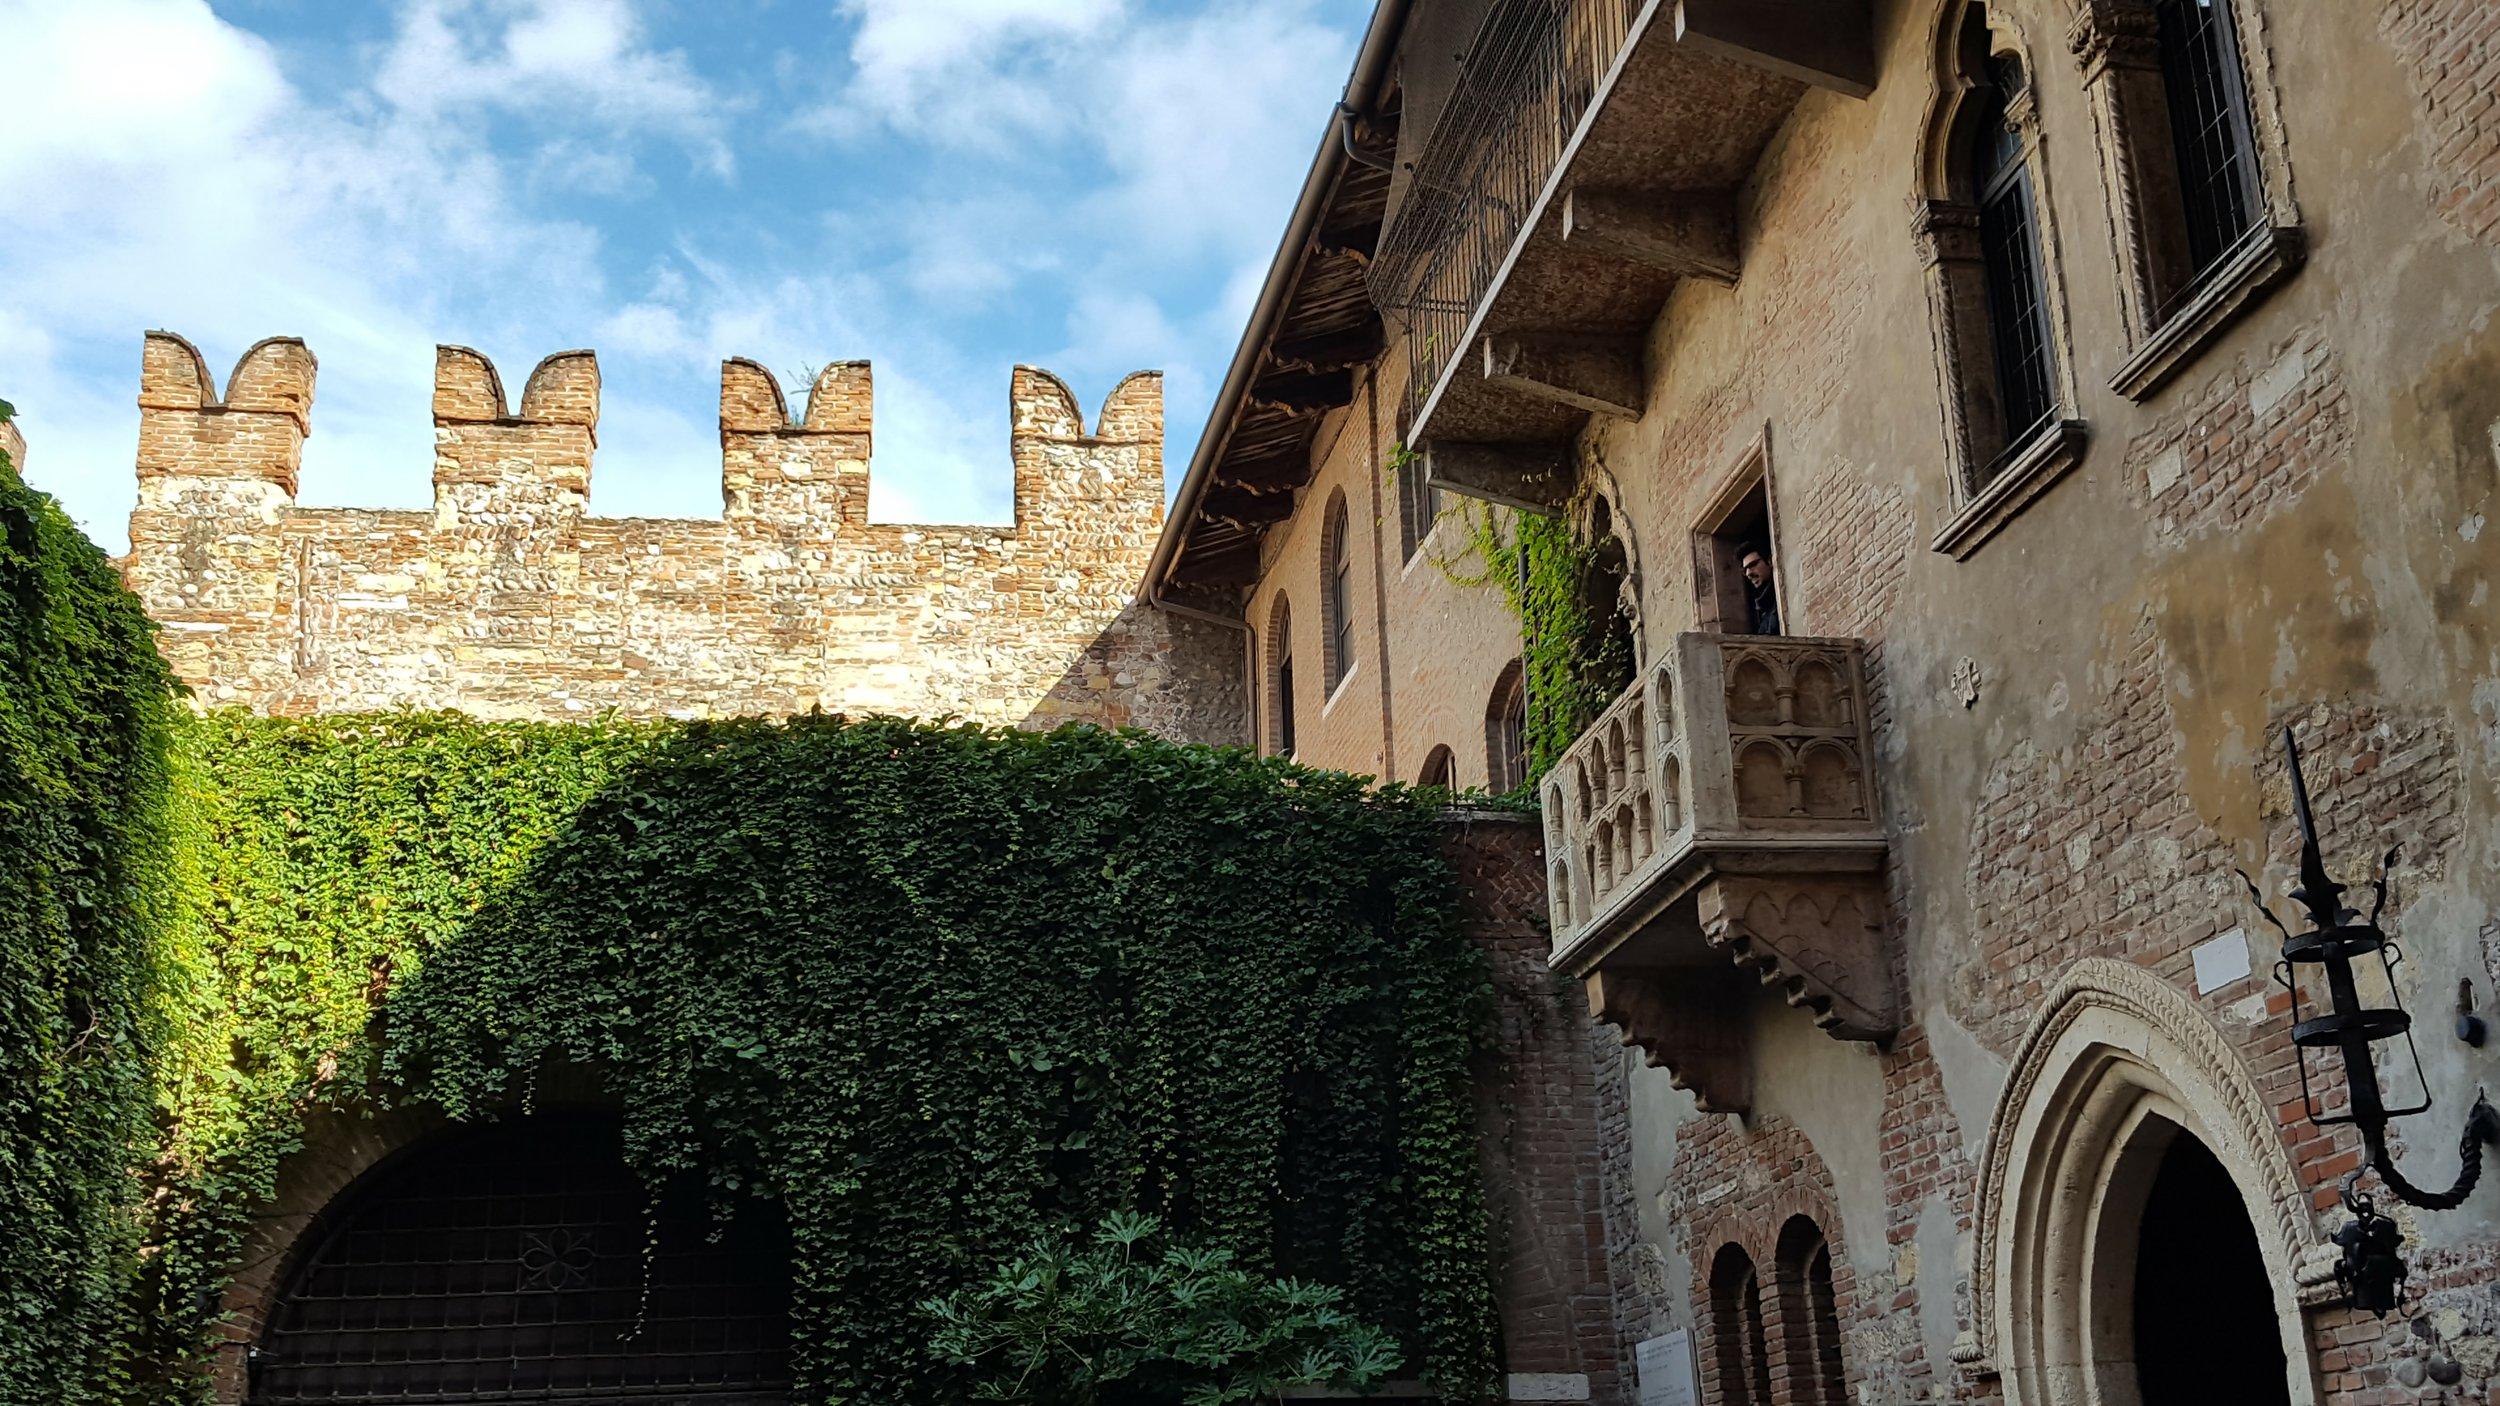 Romeo, Romeo! O where art thou Romeo?